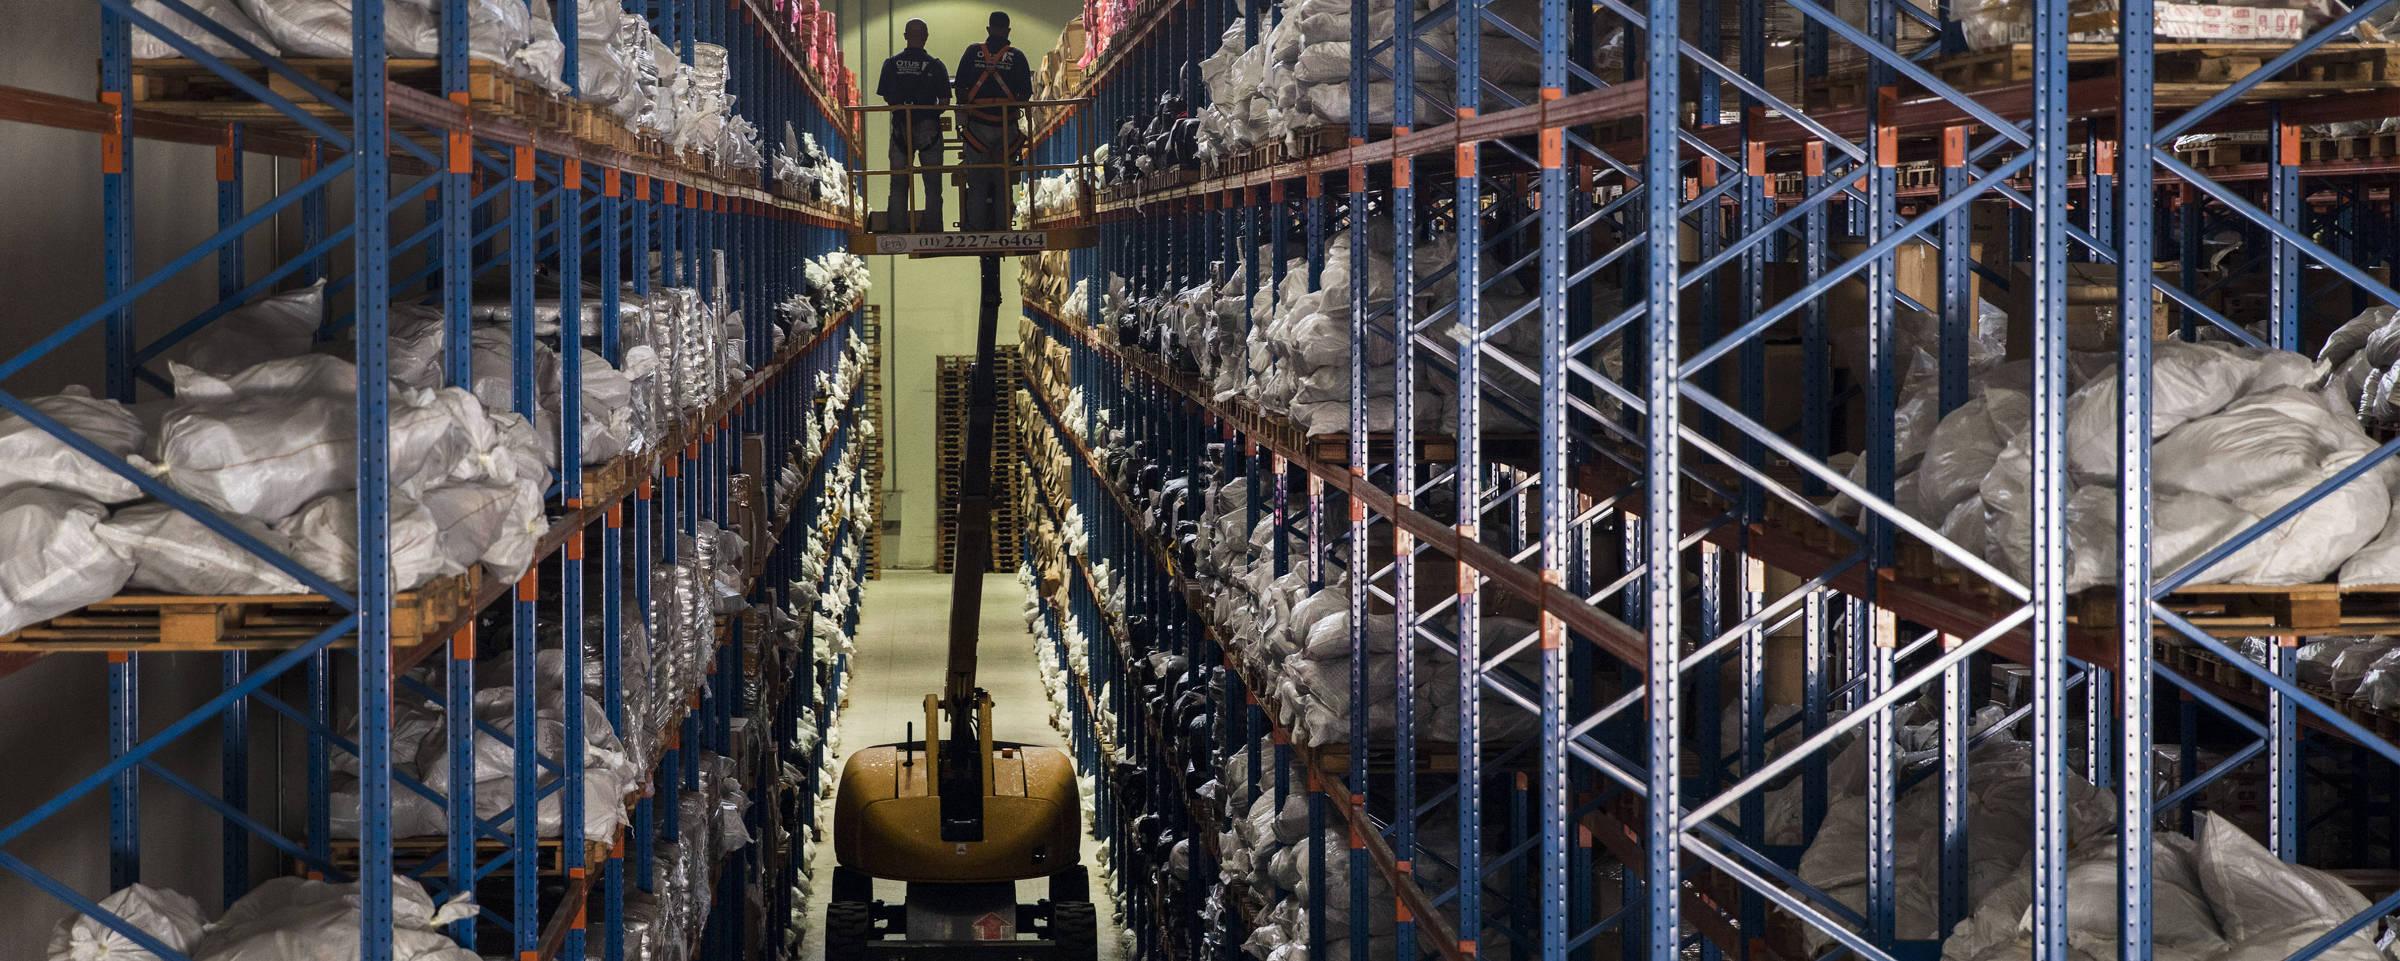 4f9aaa33b6f Funcionários usam gruas para checar mercadorias no depósito da Receita  Federal em São Paulo